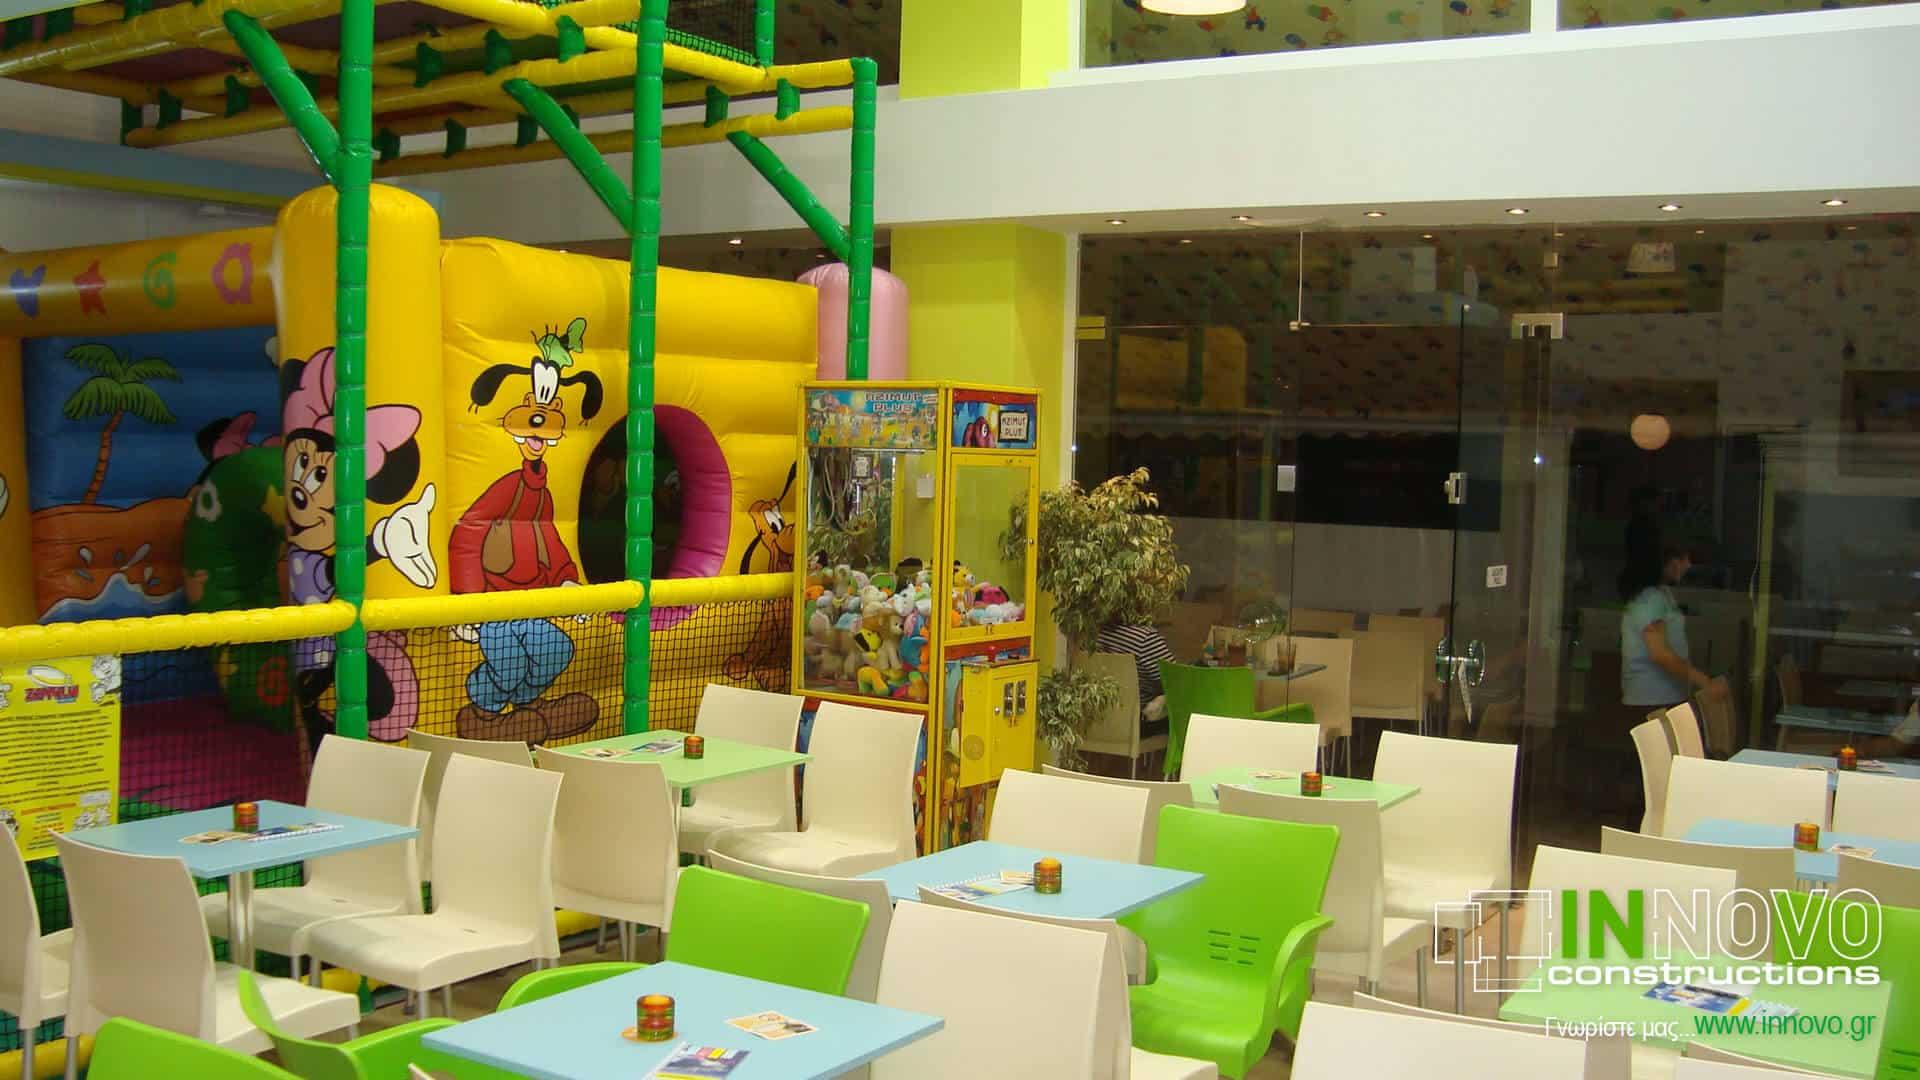 kataskevi-paidotopou-playground-construction-paidotopos-kamatero-1007-4